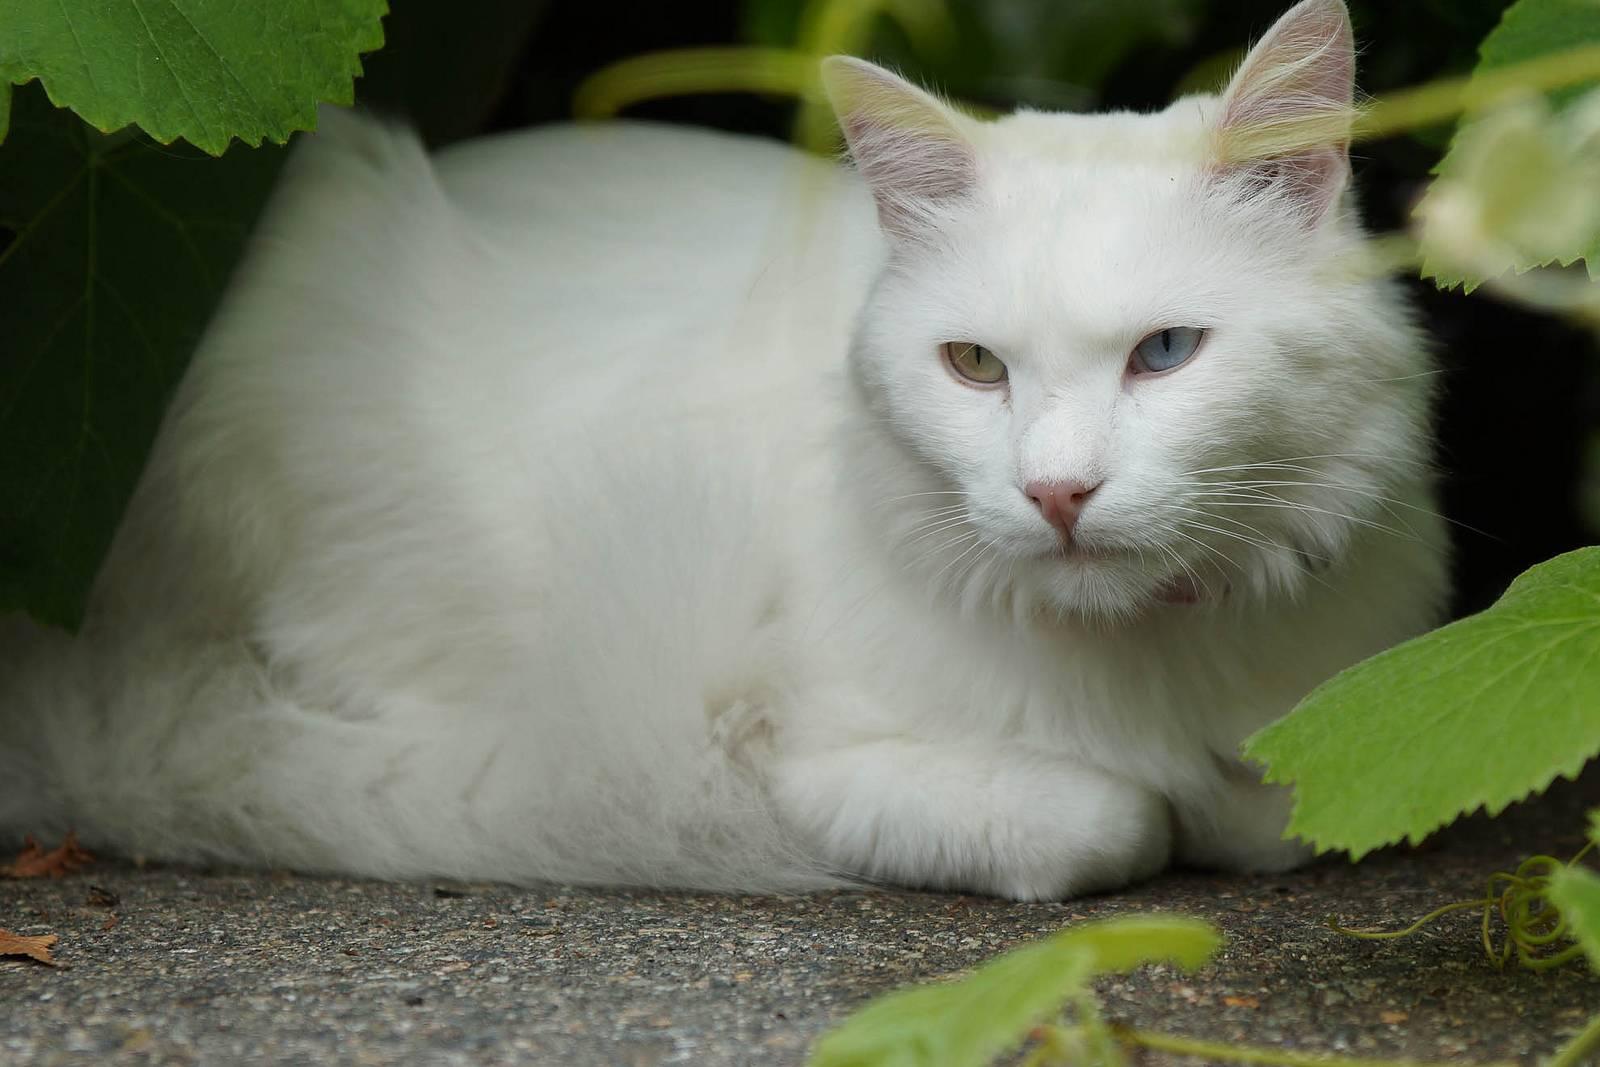 Черно-белый кот (42 фото): названия пород пушистых черно-белых кошек, котенок черного окраса с белыми пятнами на грудке